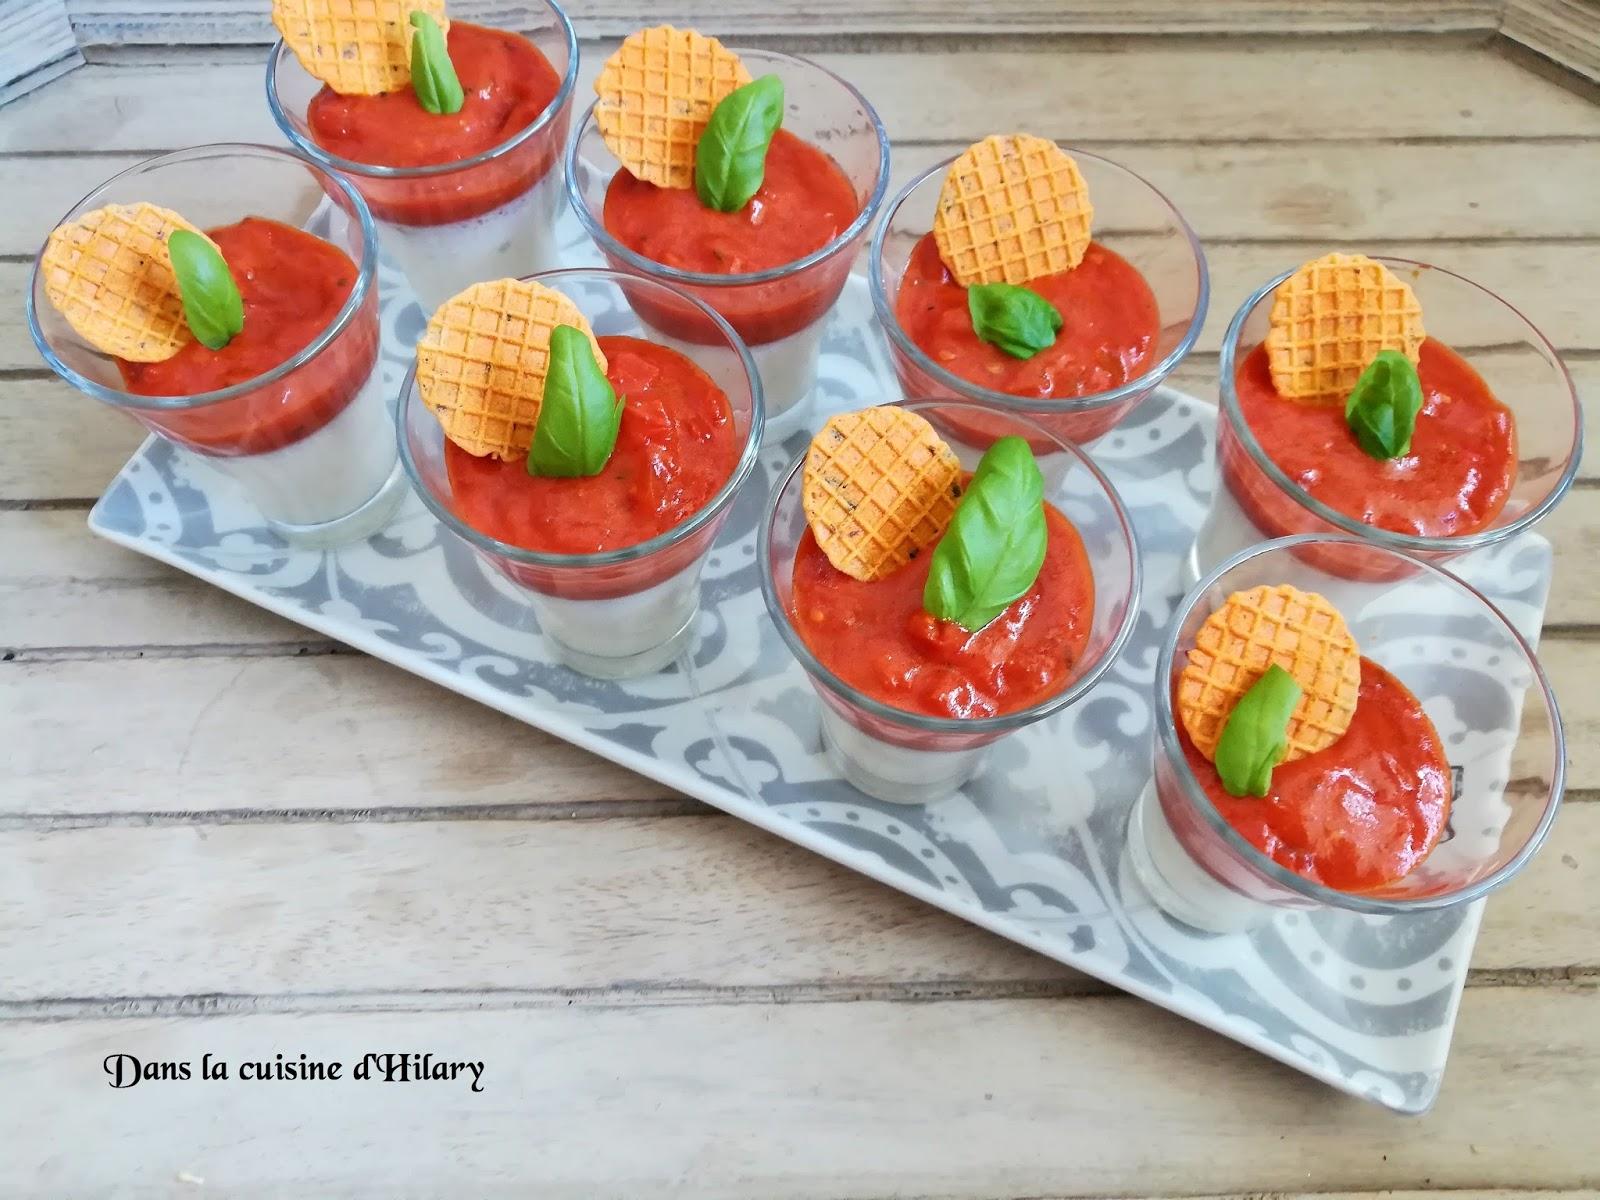 dans la cuisine d 39 hilary panna cotta la mozzarella compot e tomates poivron et basilic. Black Bedroom Furniture Sets. Home Design Ideas